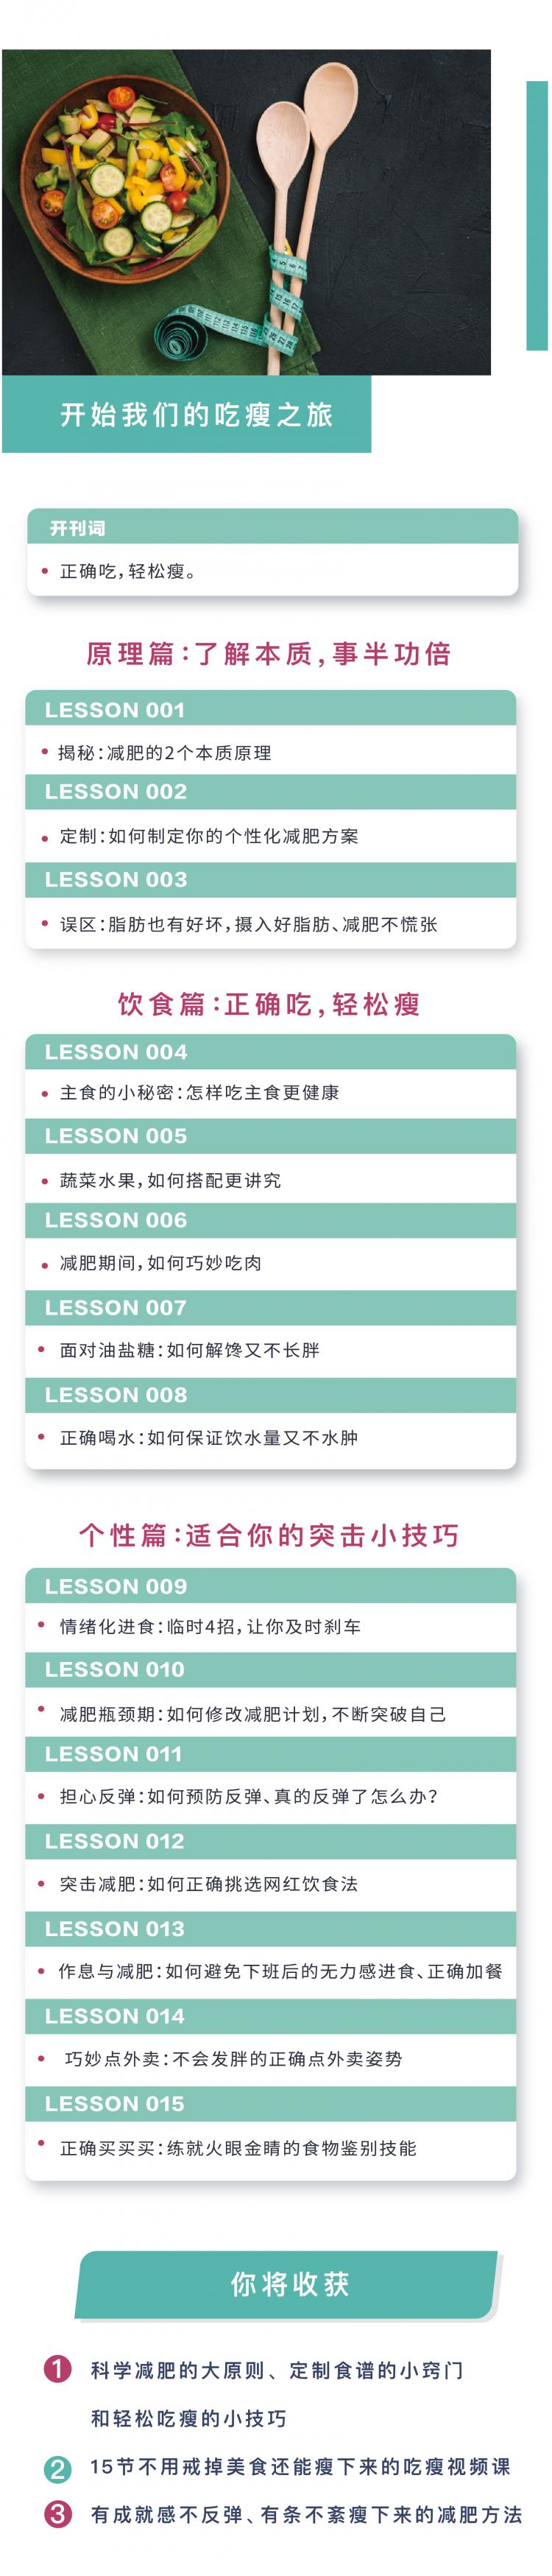 吃瘦课3.1-08.jpg